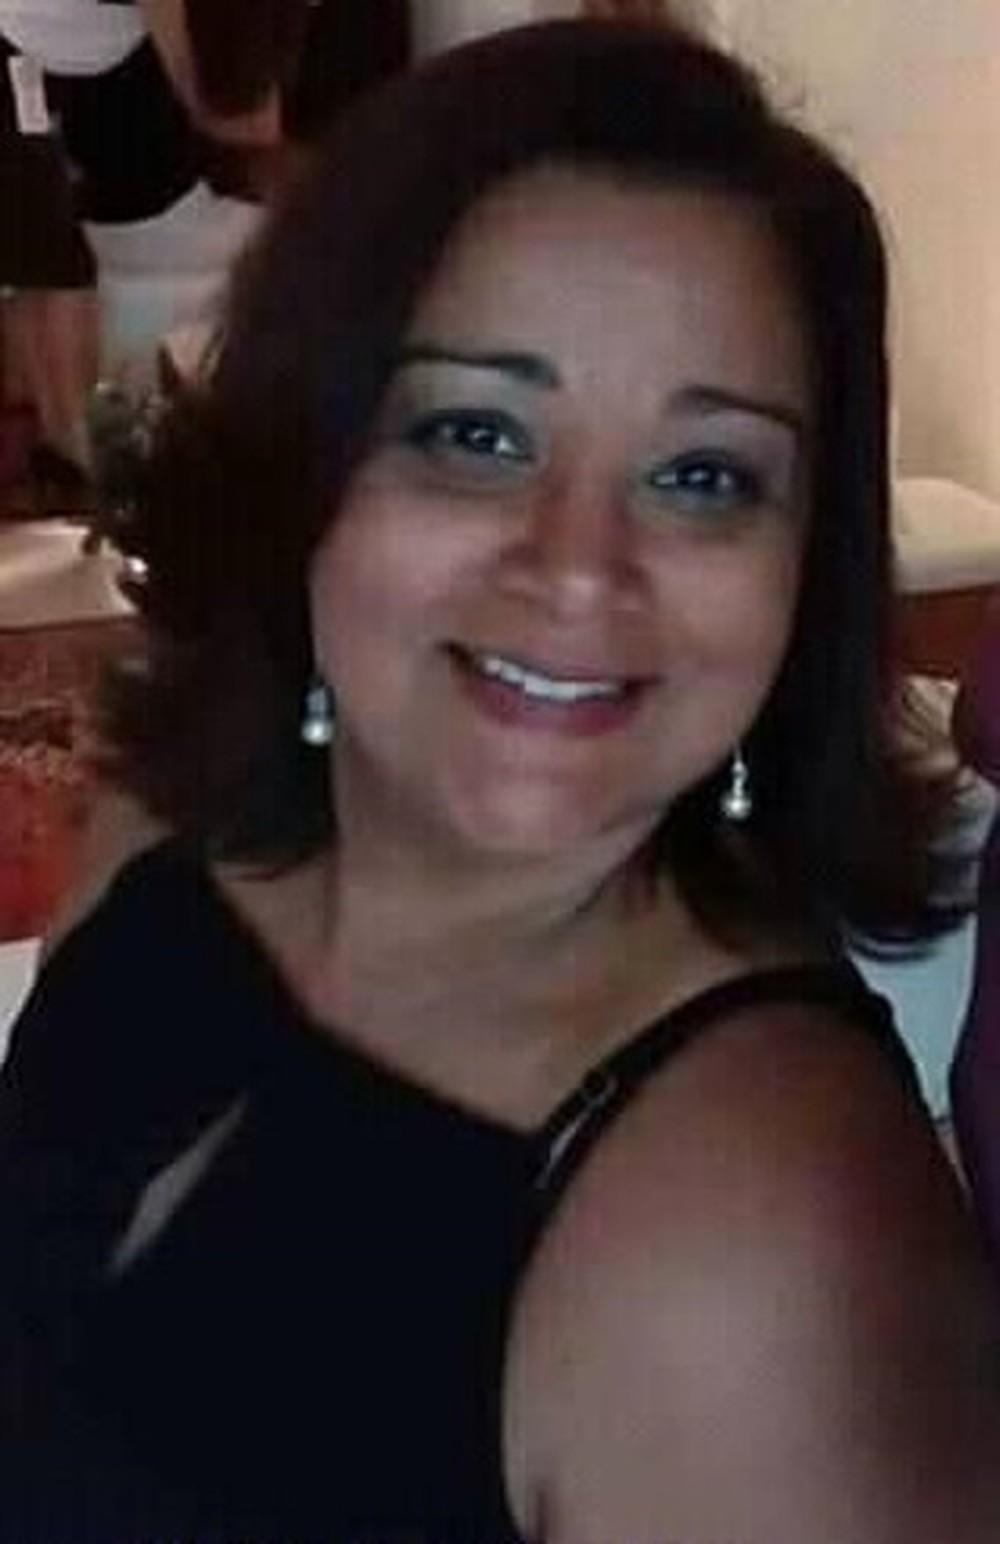 Motorista que matou PM no interior de SP usava carro de mulher achada morta em geladeira no RJ